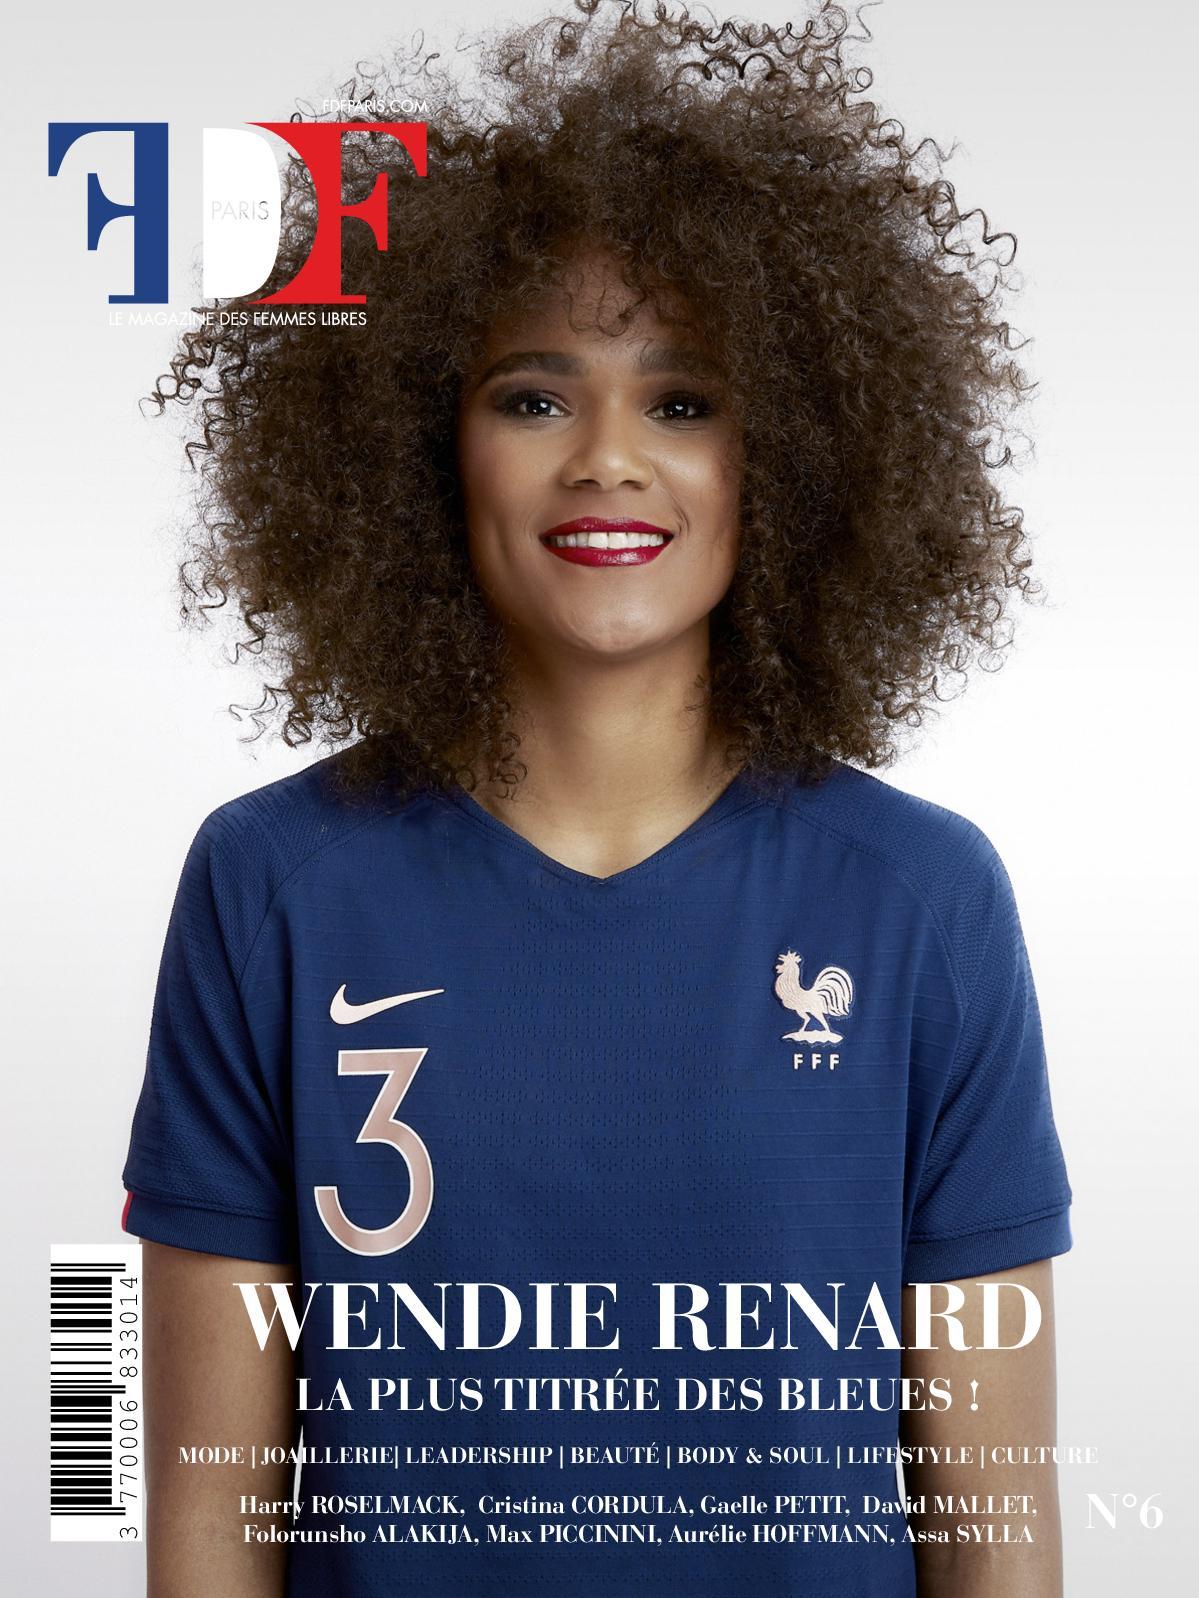 Wendie Paris N°6 Renard Calaméo Fdf wvmN8n0